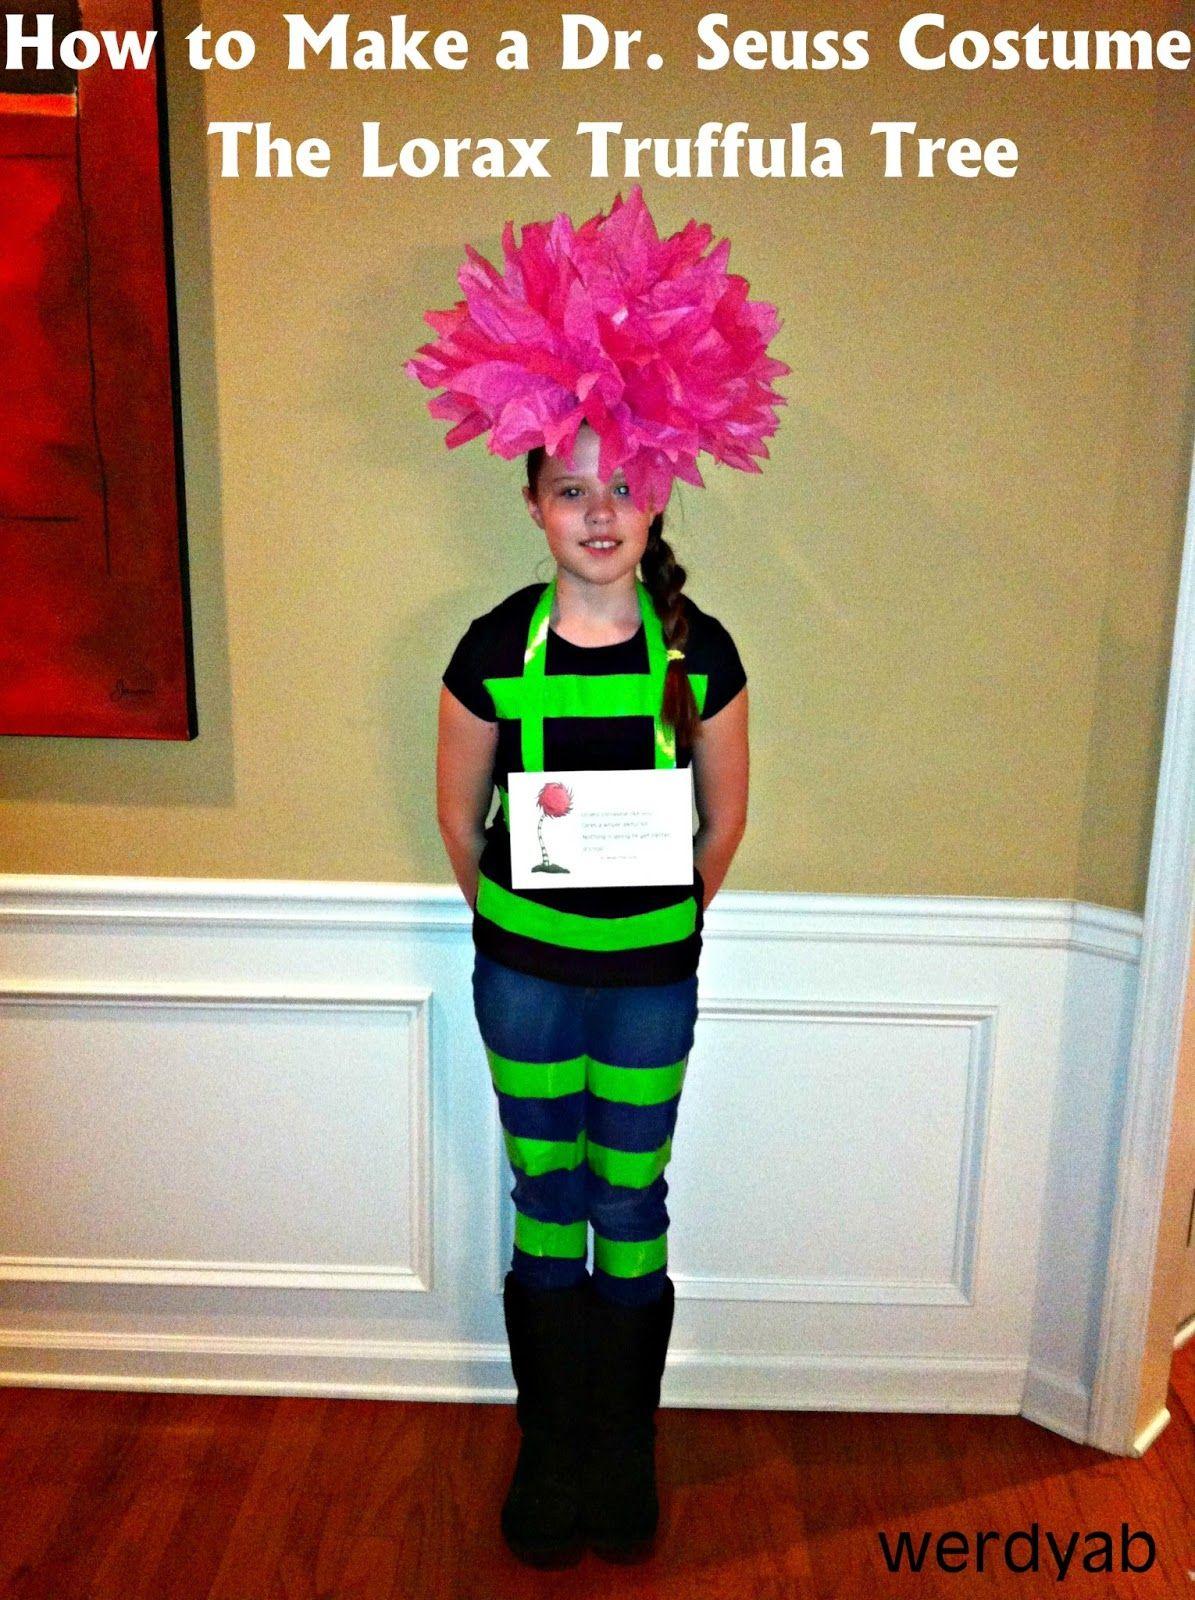 How To Make A Dr Seuss Costume The Lorax Truffula Tree